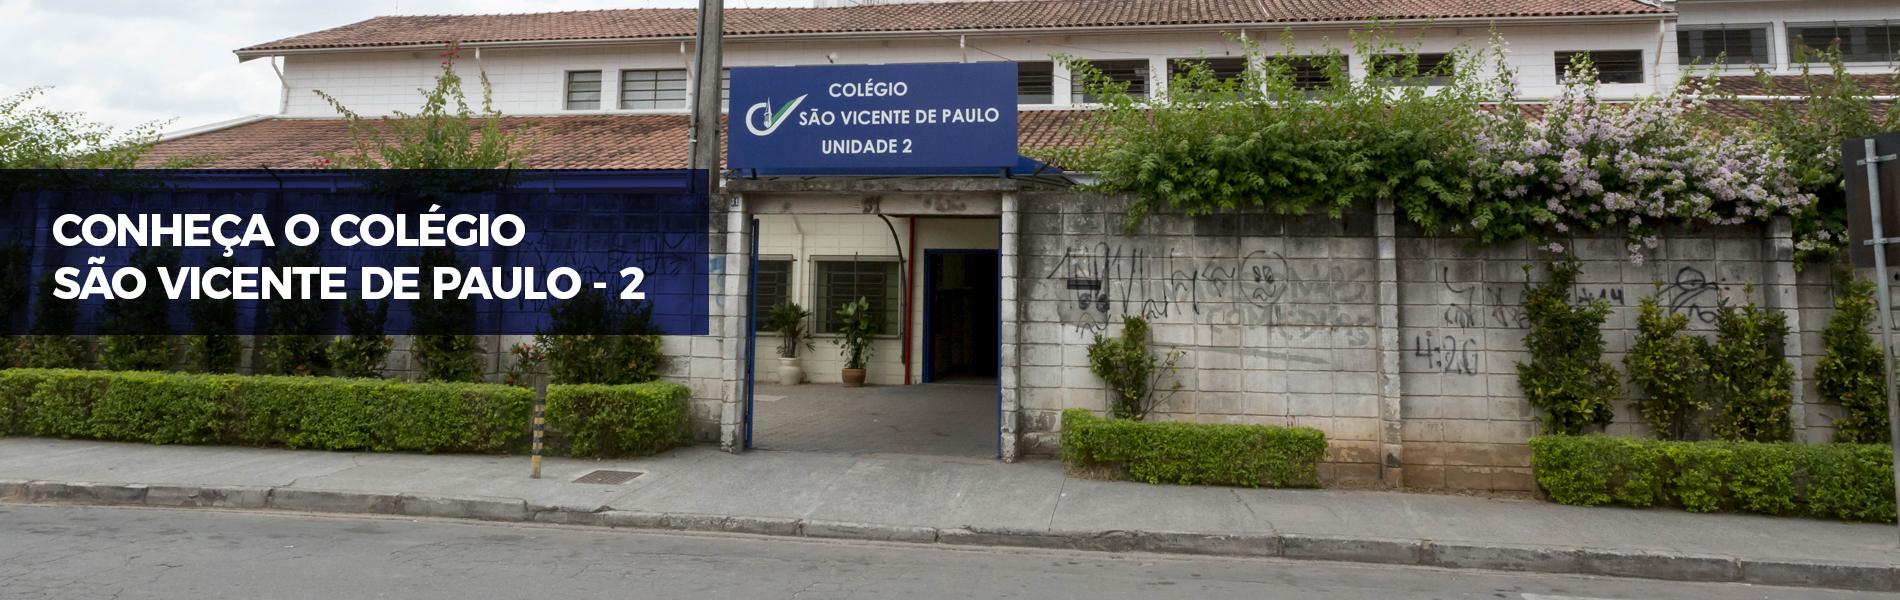 Conheça o Colégio São Vicente de Paulo 2]